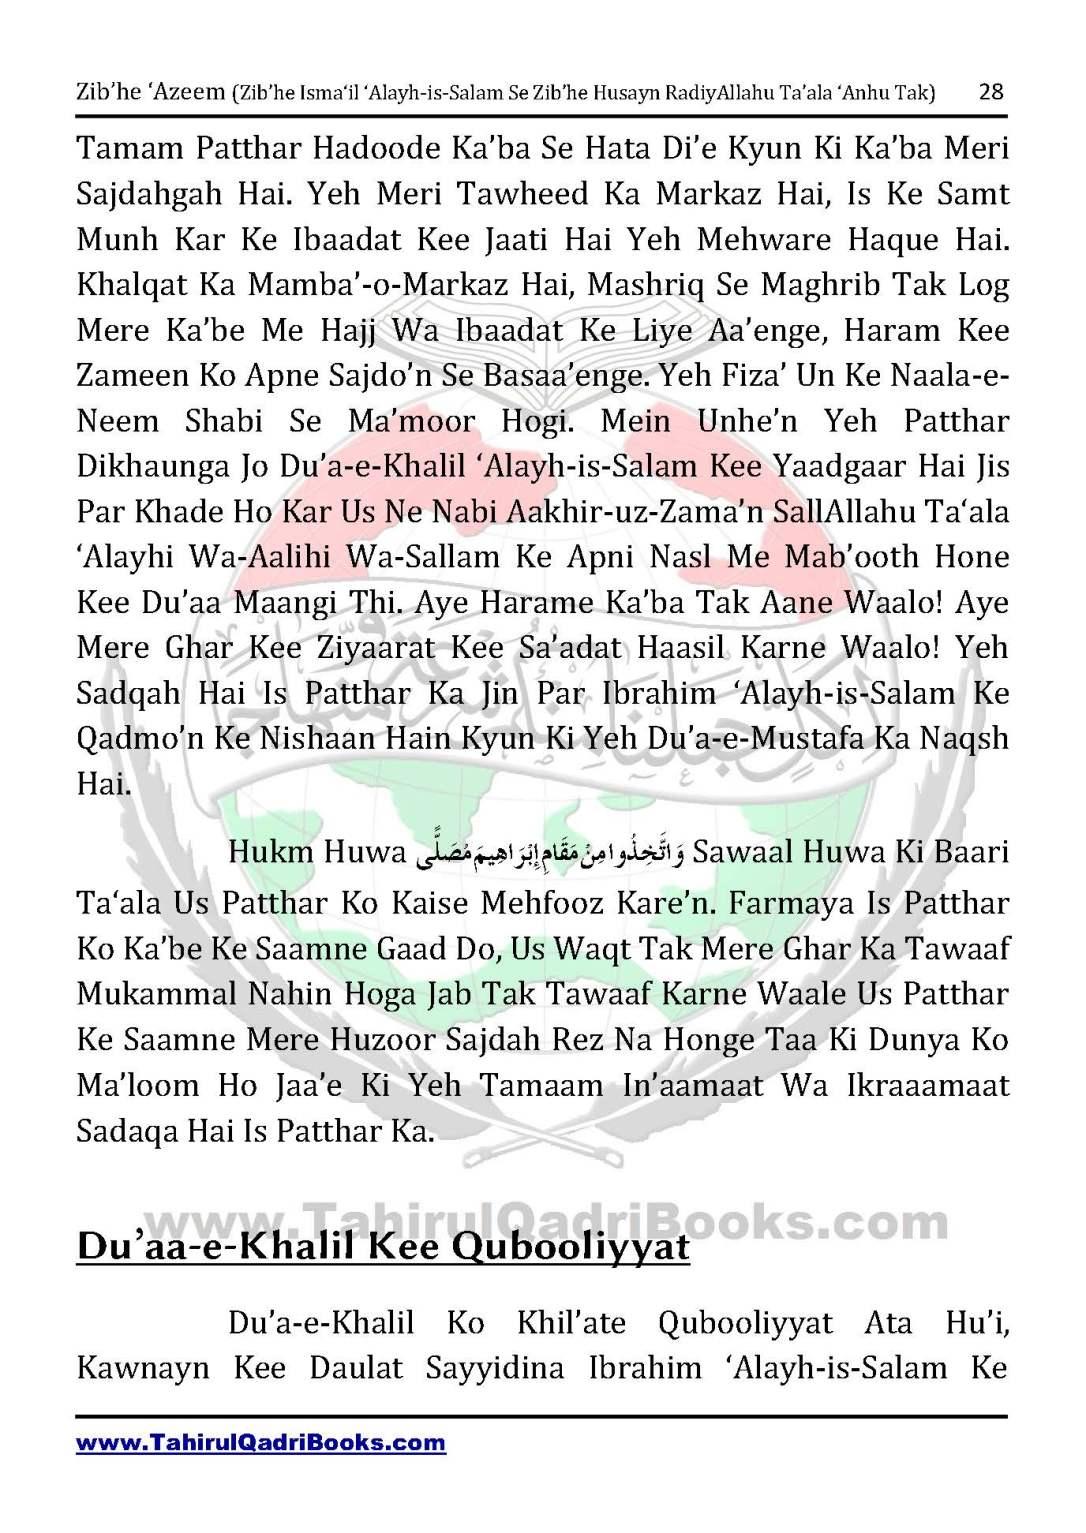 zib_he-e28098azeem-zib_he-ismacabbil-se-zib_he-husayn-tak-in-roman-urdu-unlocked_Page_028